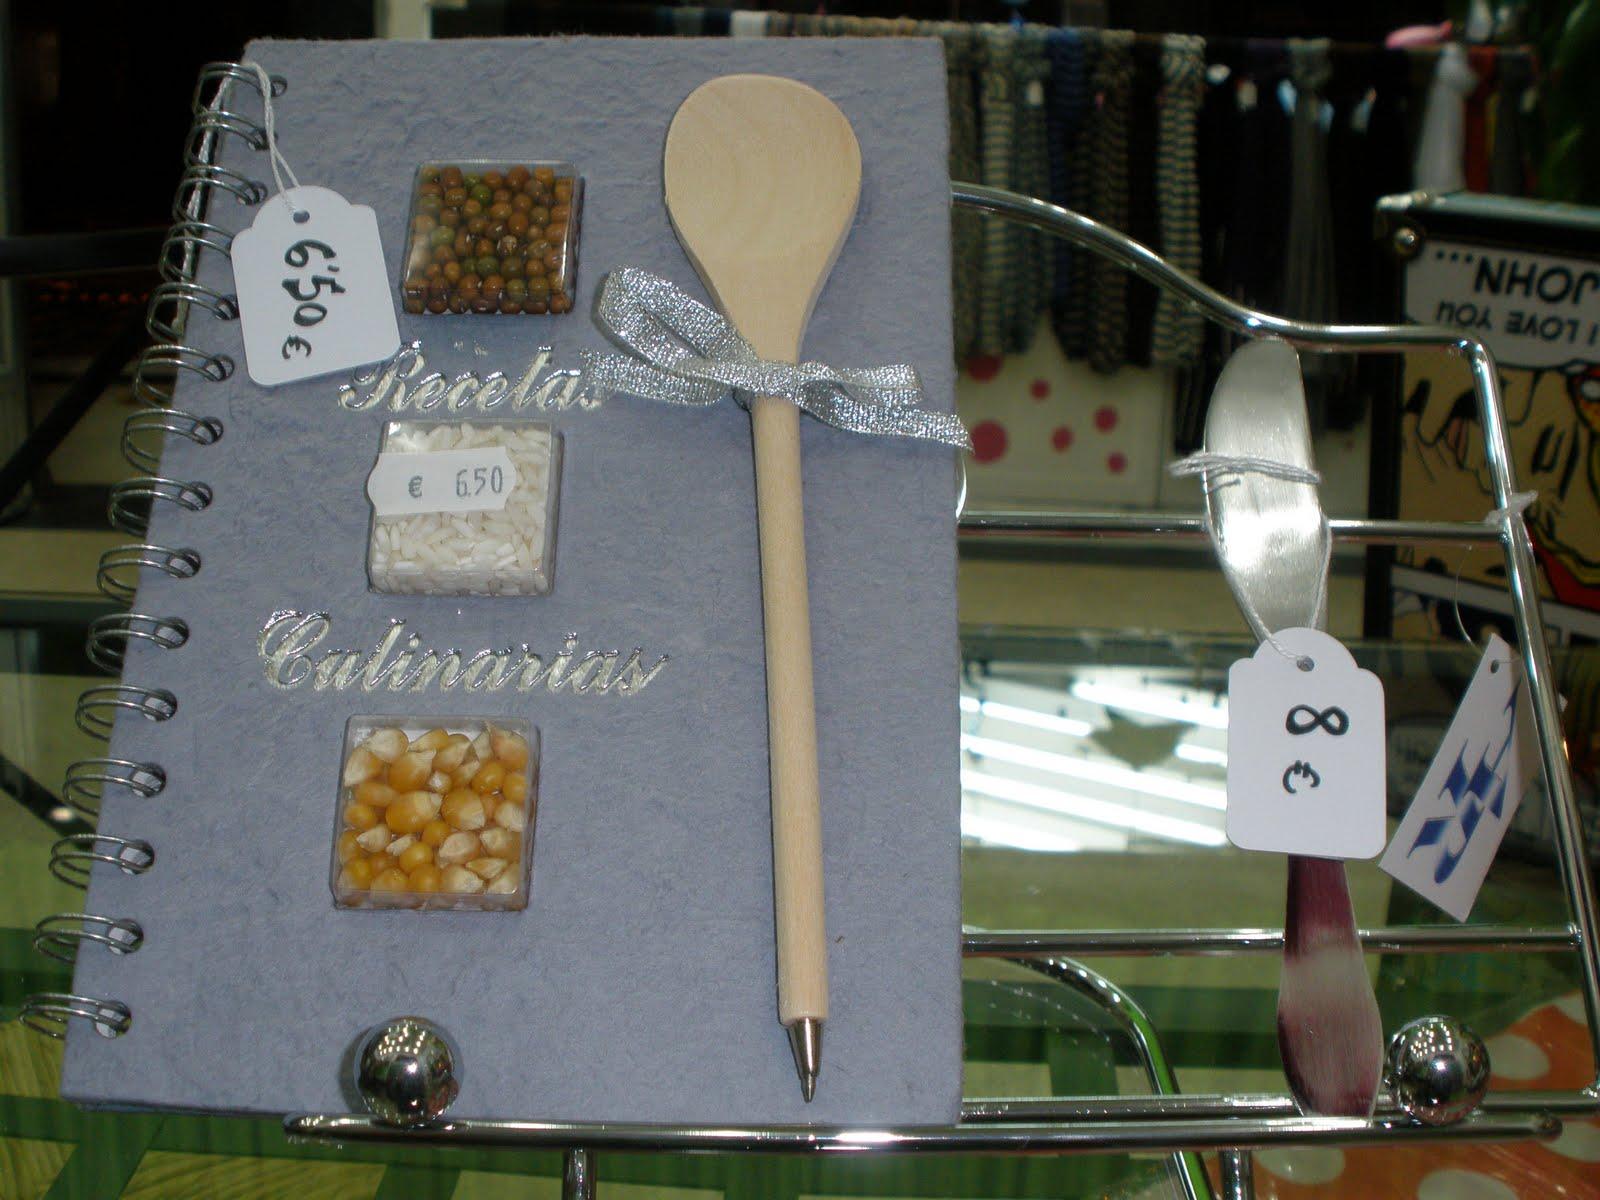 Regalarte libro de recetas y atril de cocina - Atril decoracion ...